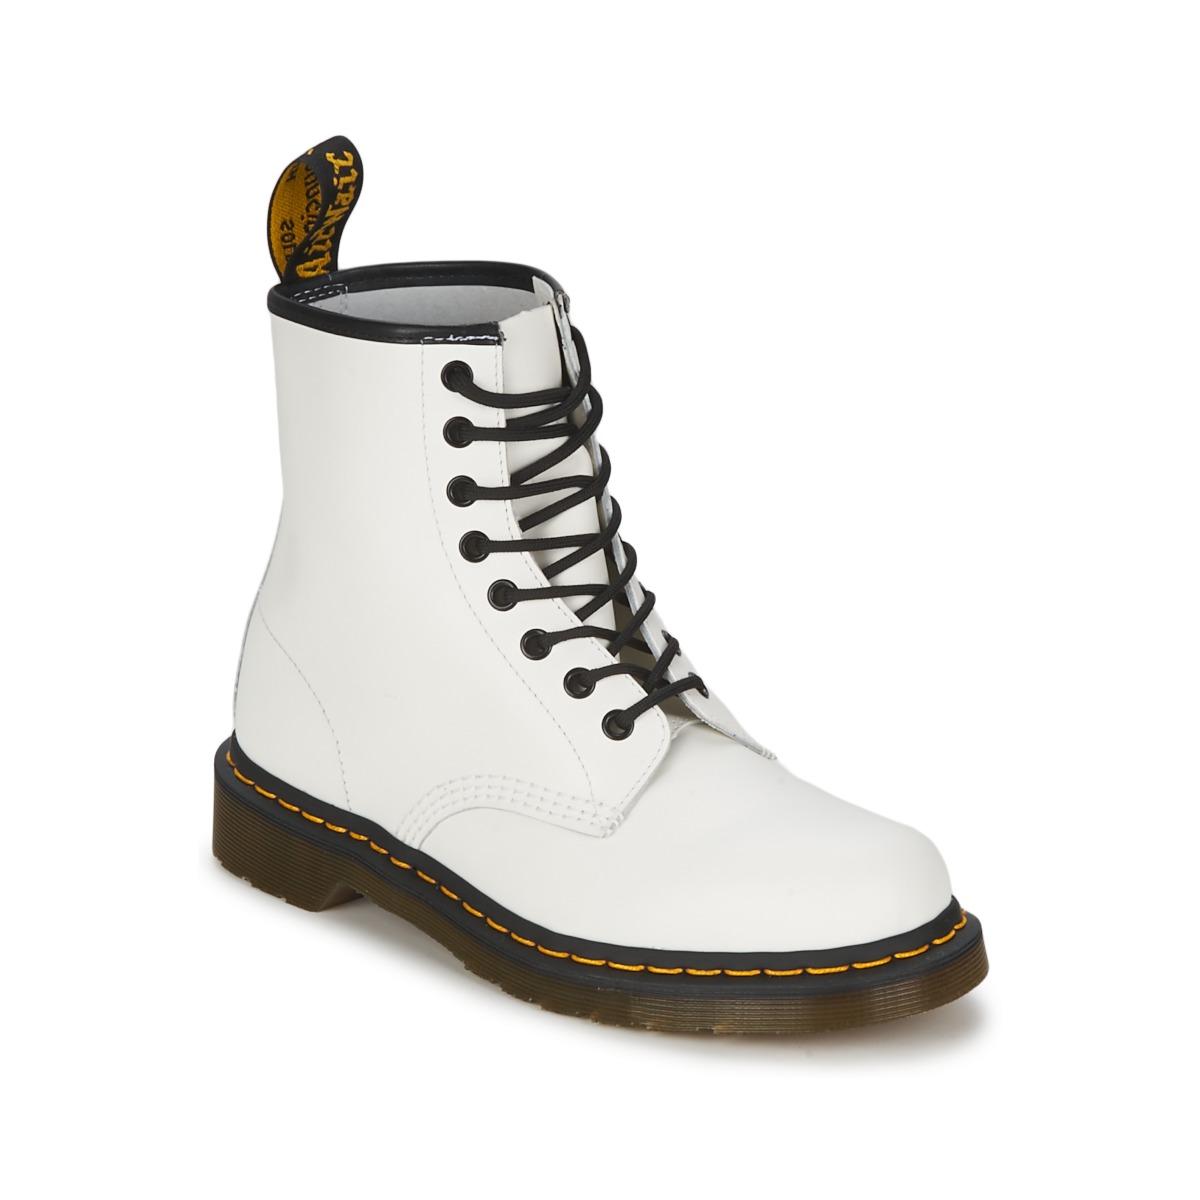 Dr Martens 1460 Weiss - Kostenloser Versand bei Spartoode ! - Schuhe Boots  84,50 €